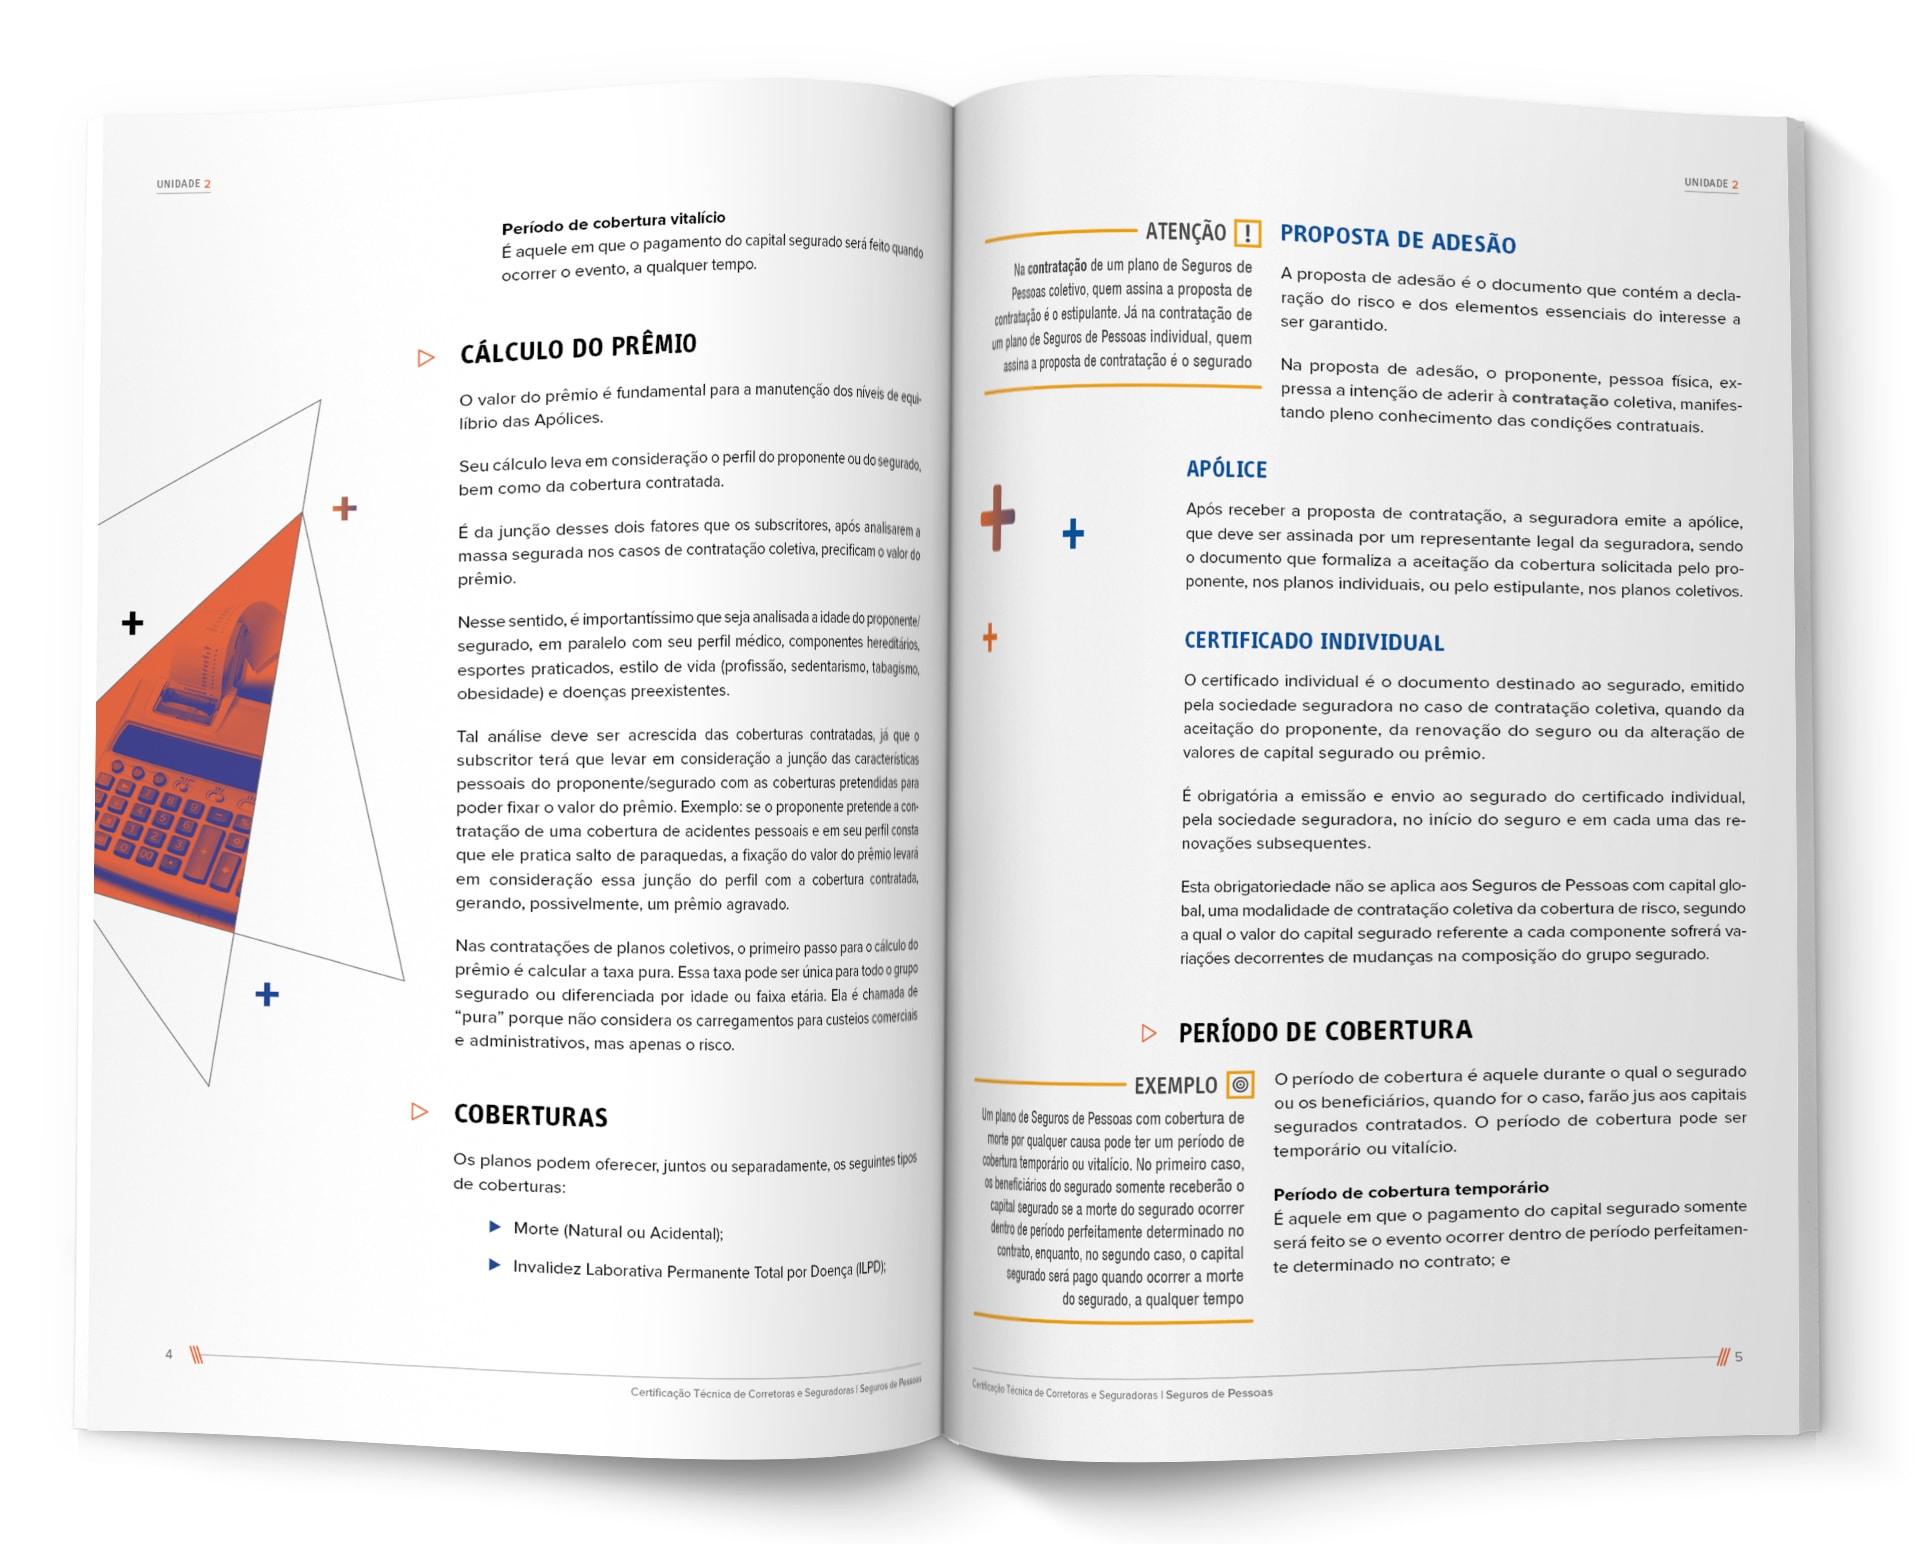 Relatórios Funenseg – Apostilas Certificação